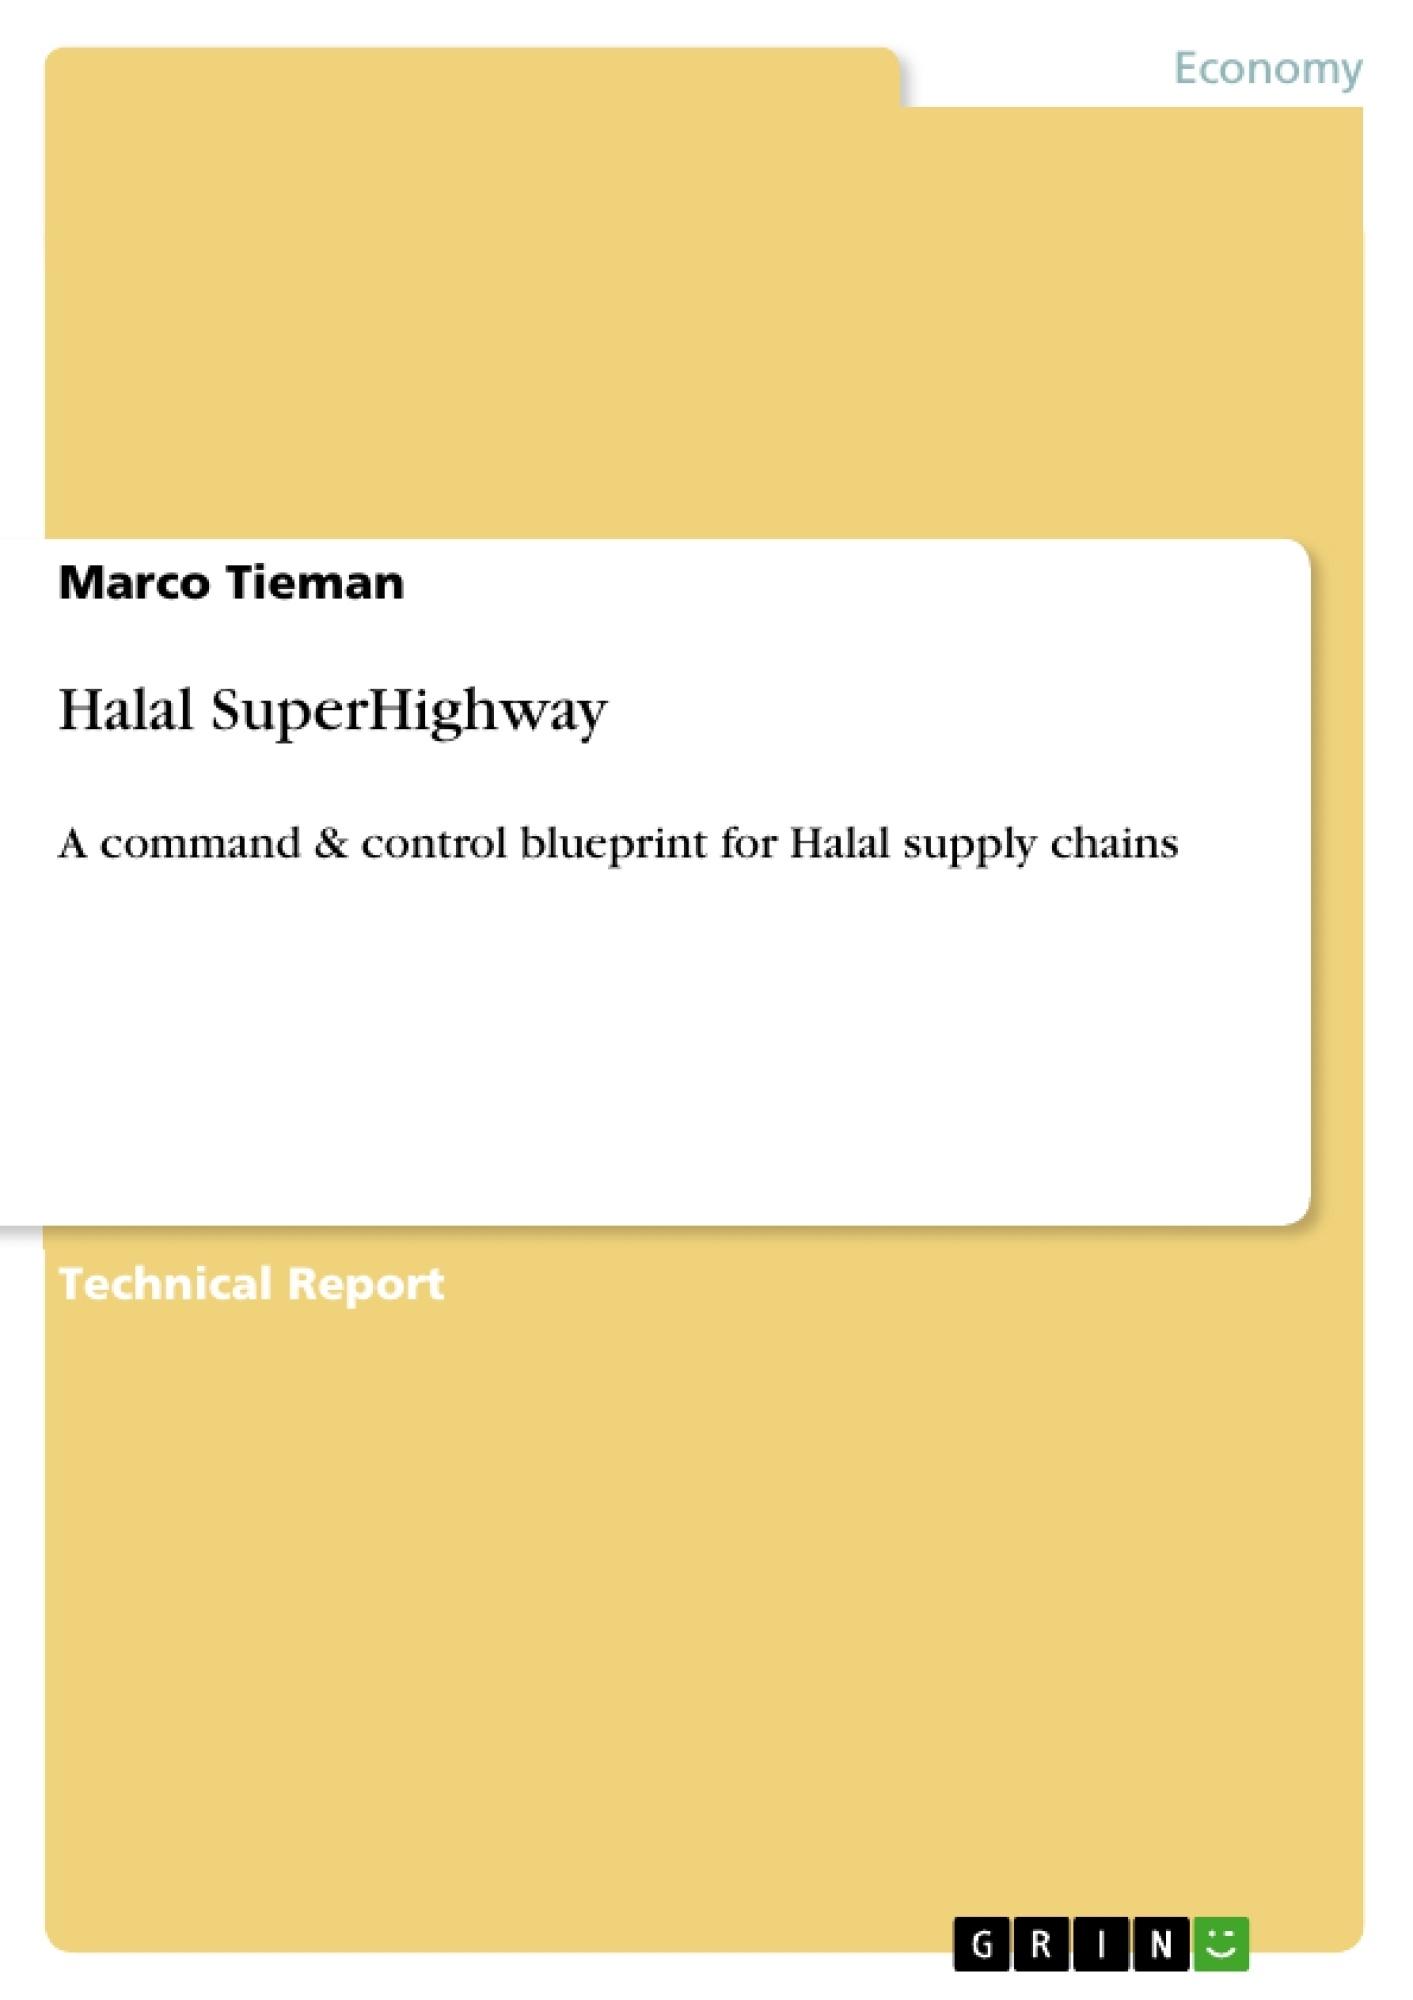 Title: Halal SuperHighway